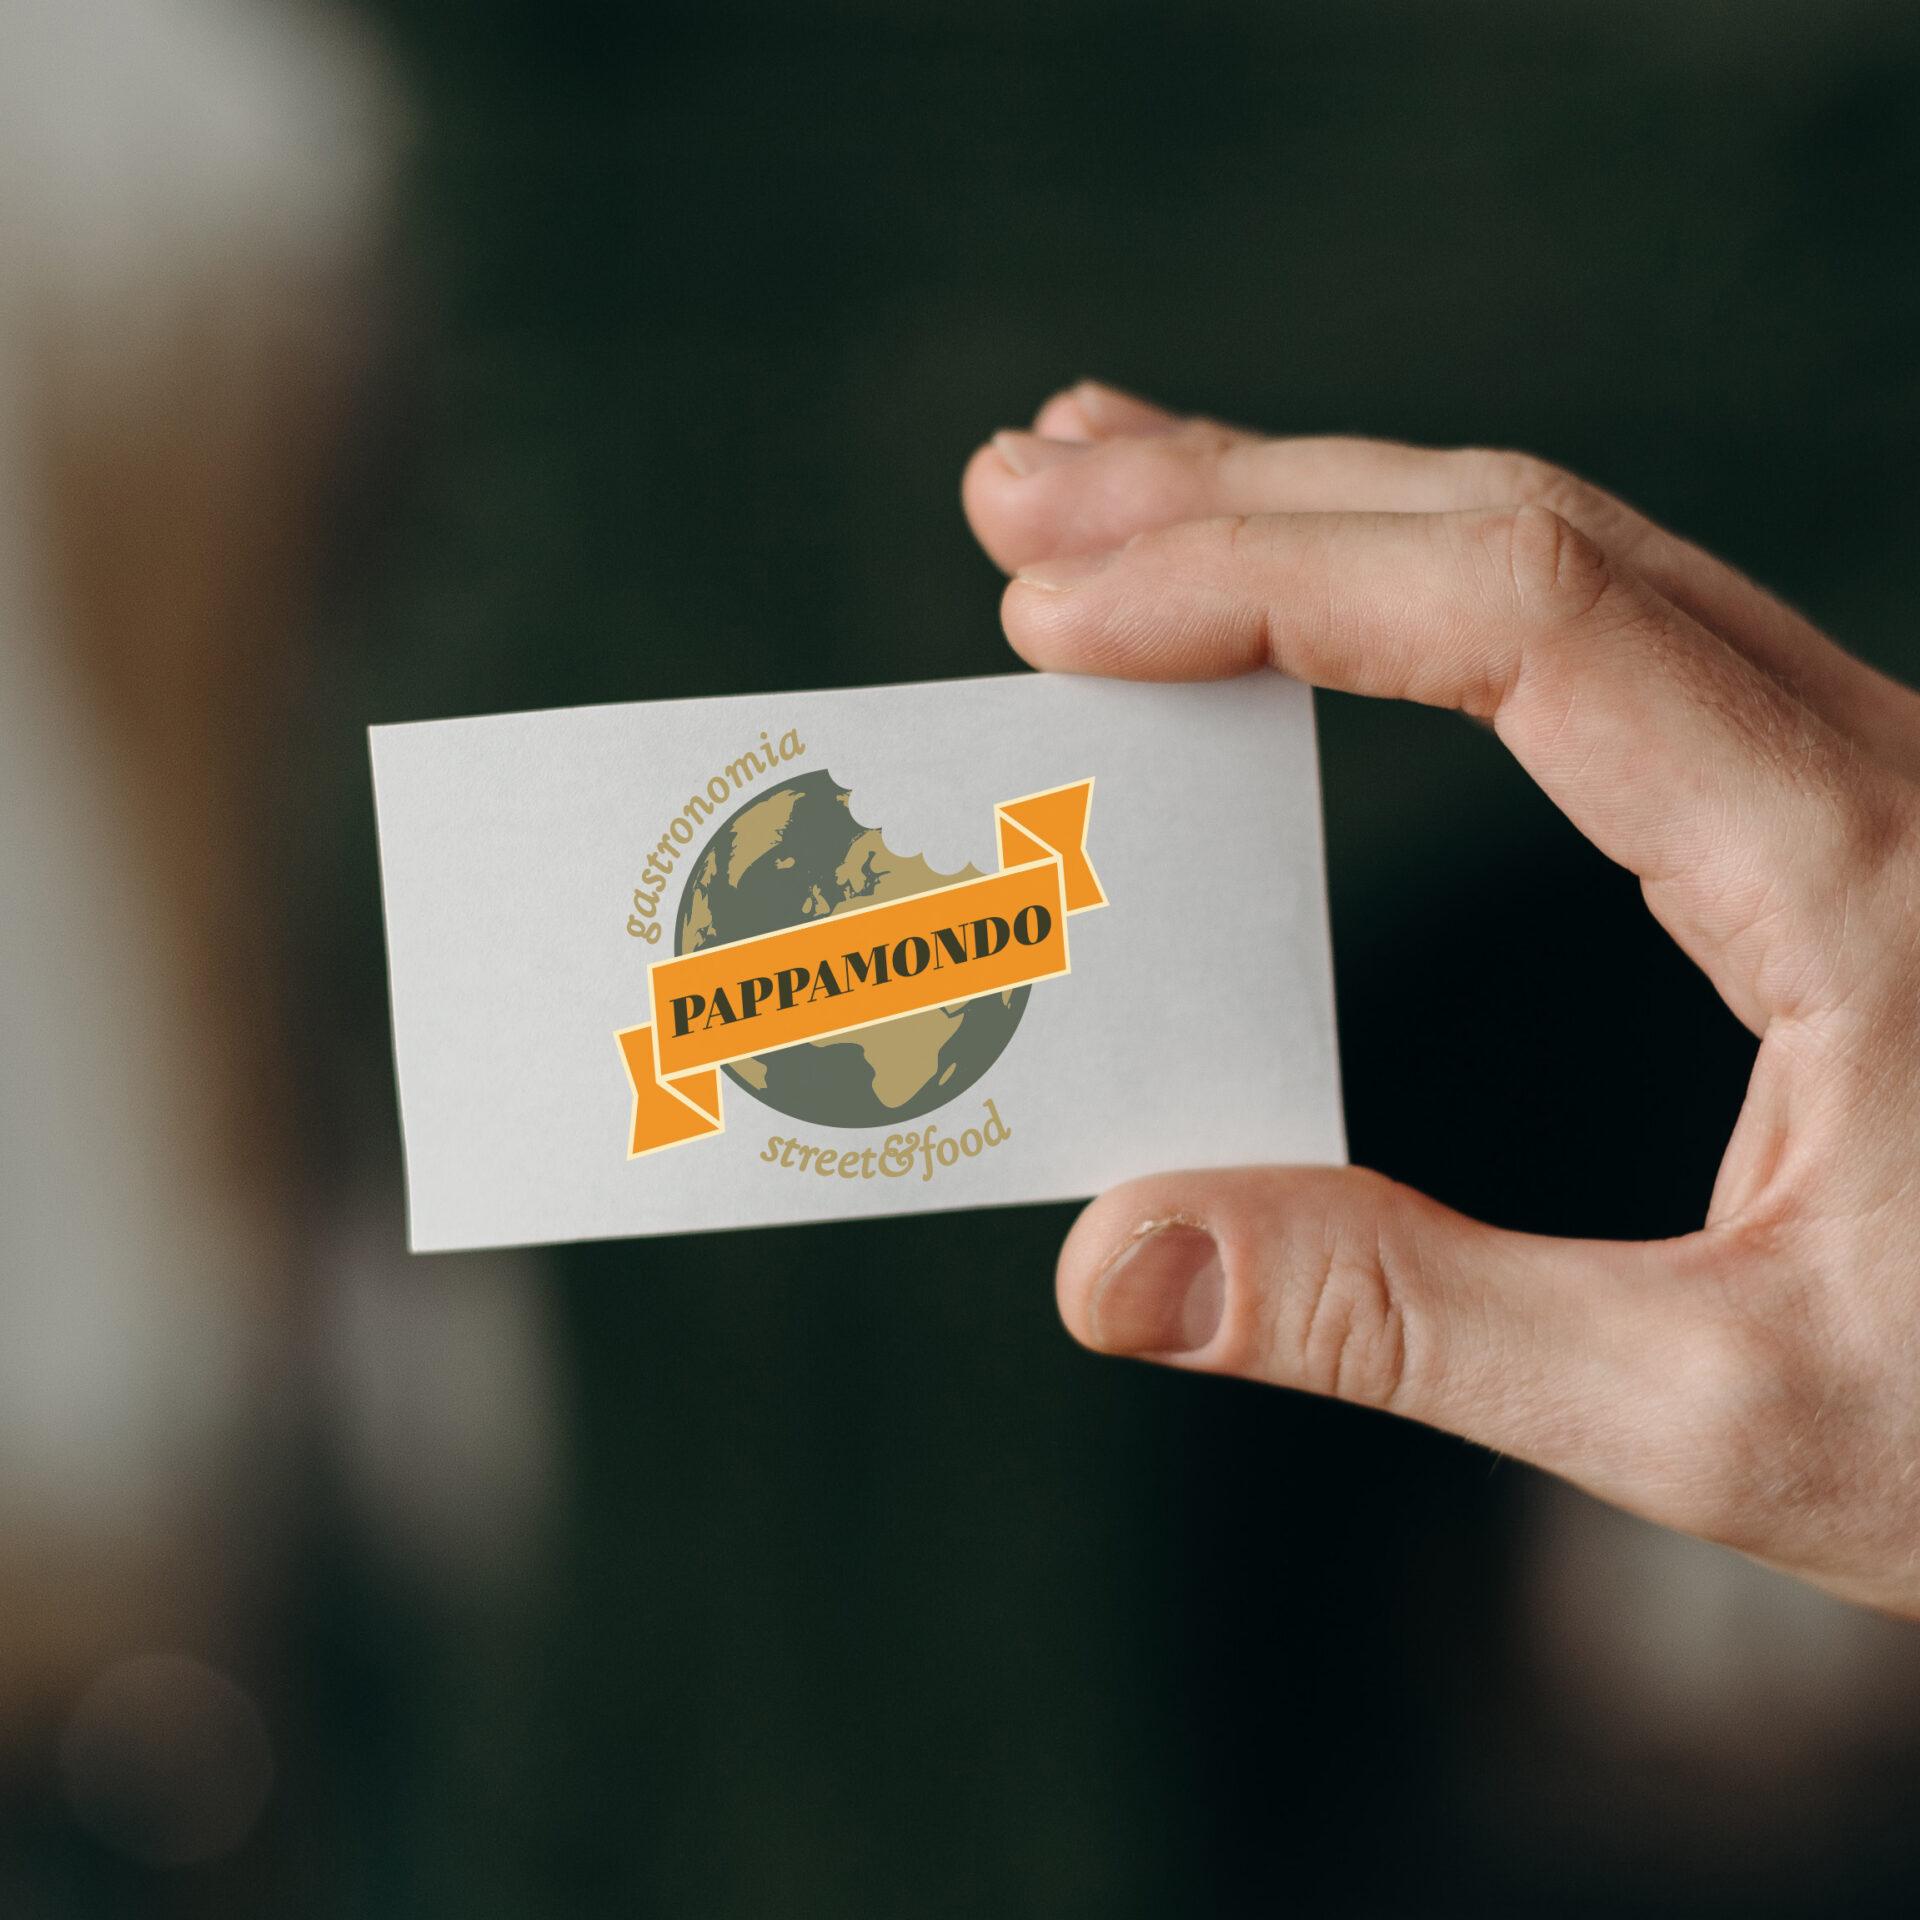 Biglietto da visita logo gastronomia Pappamondo